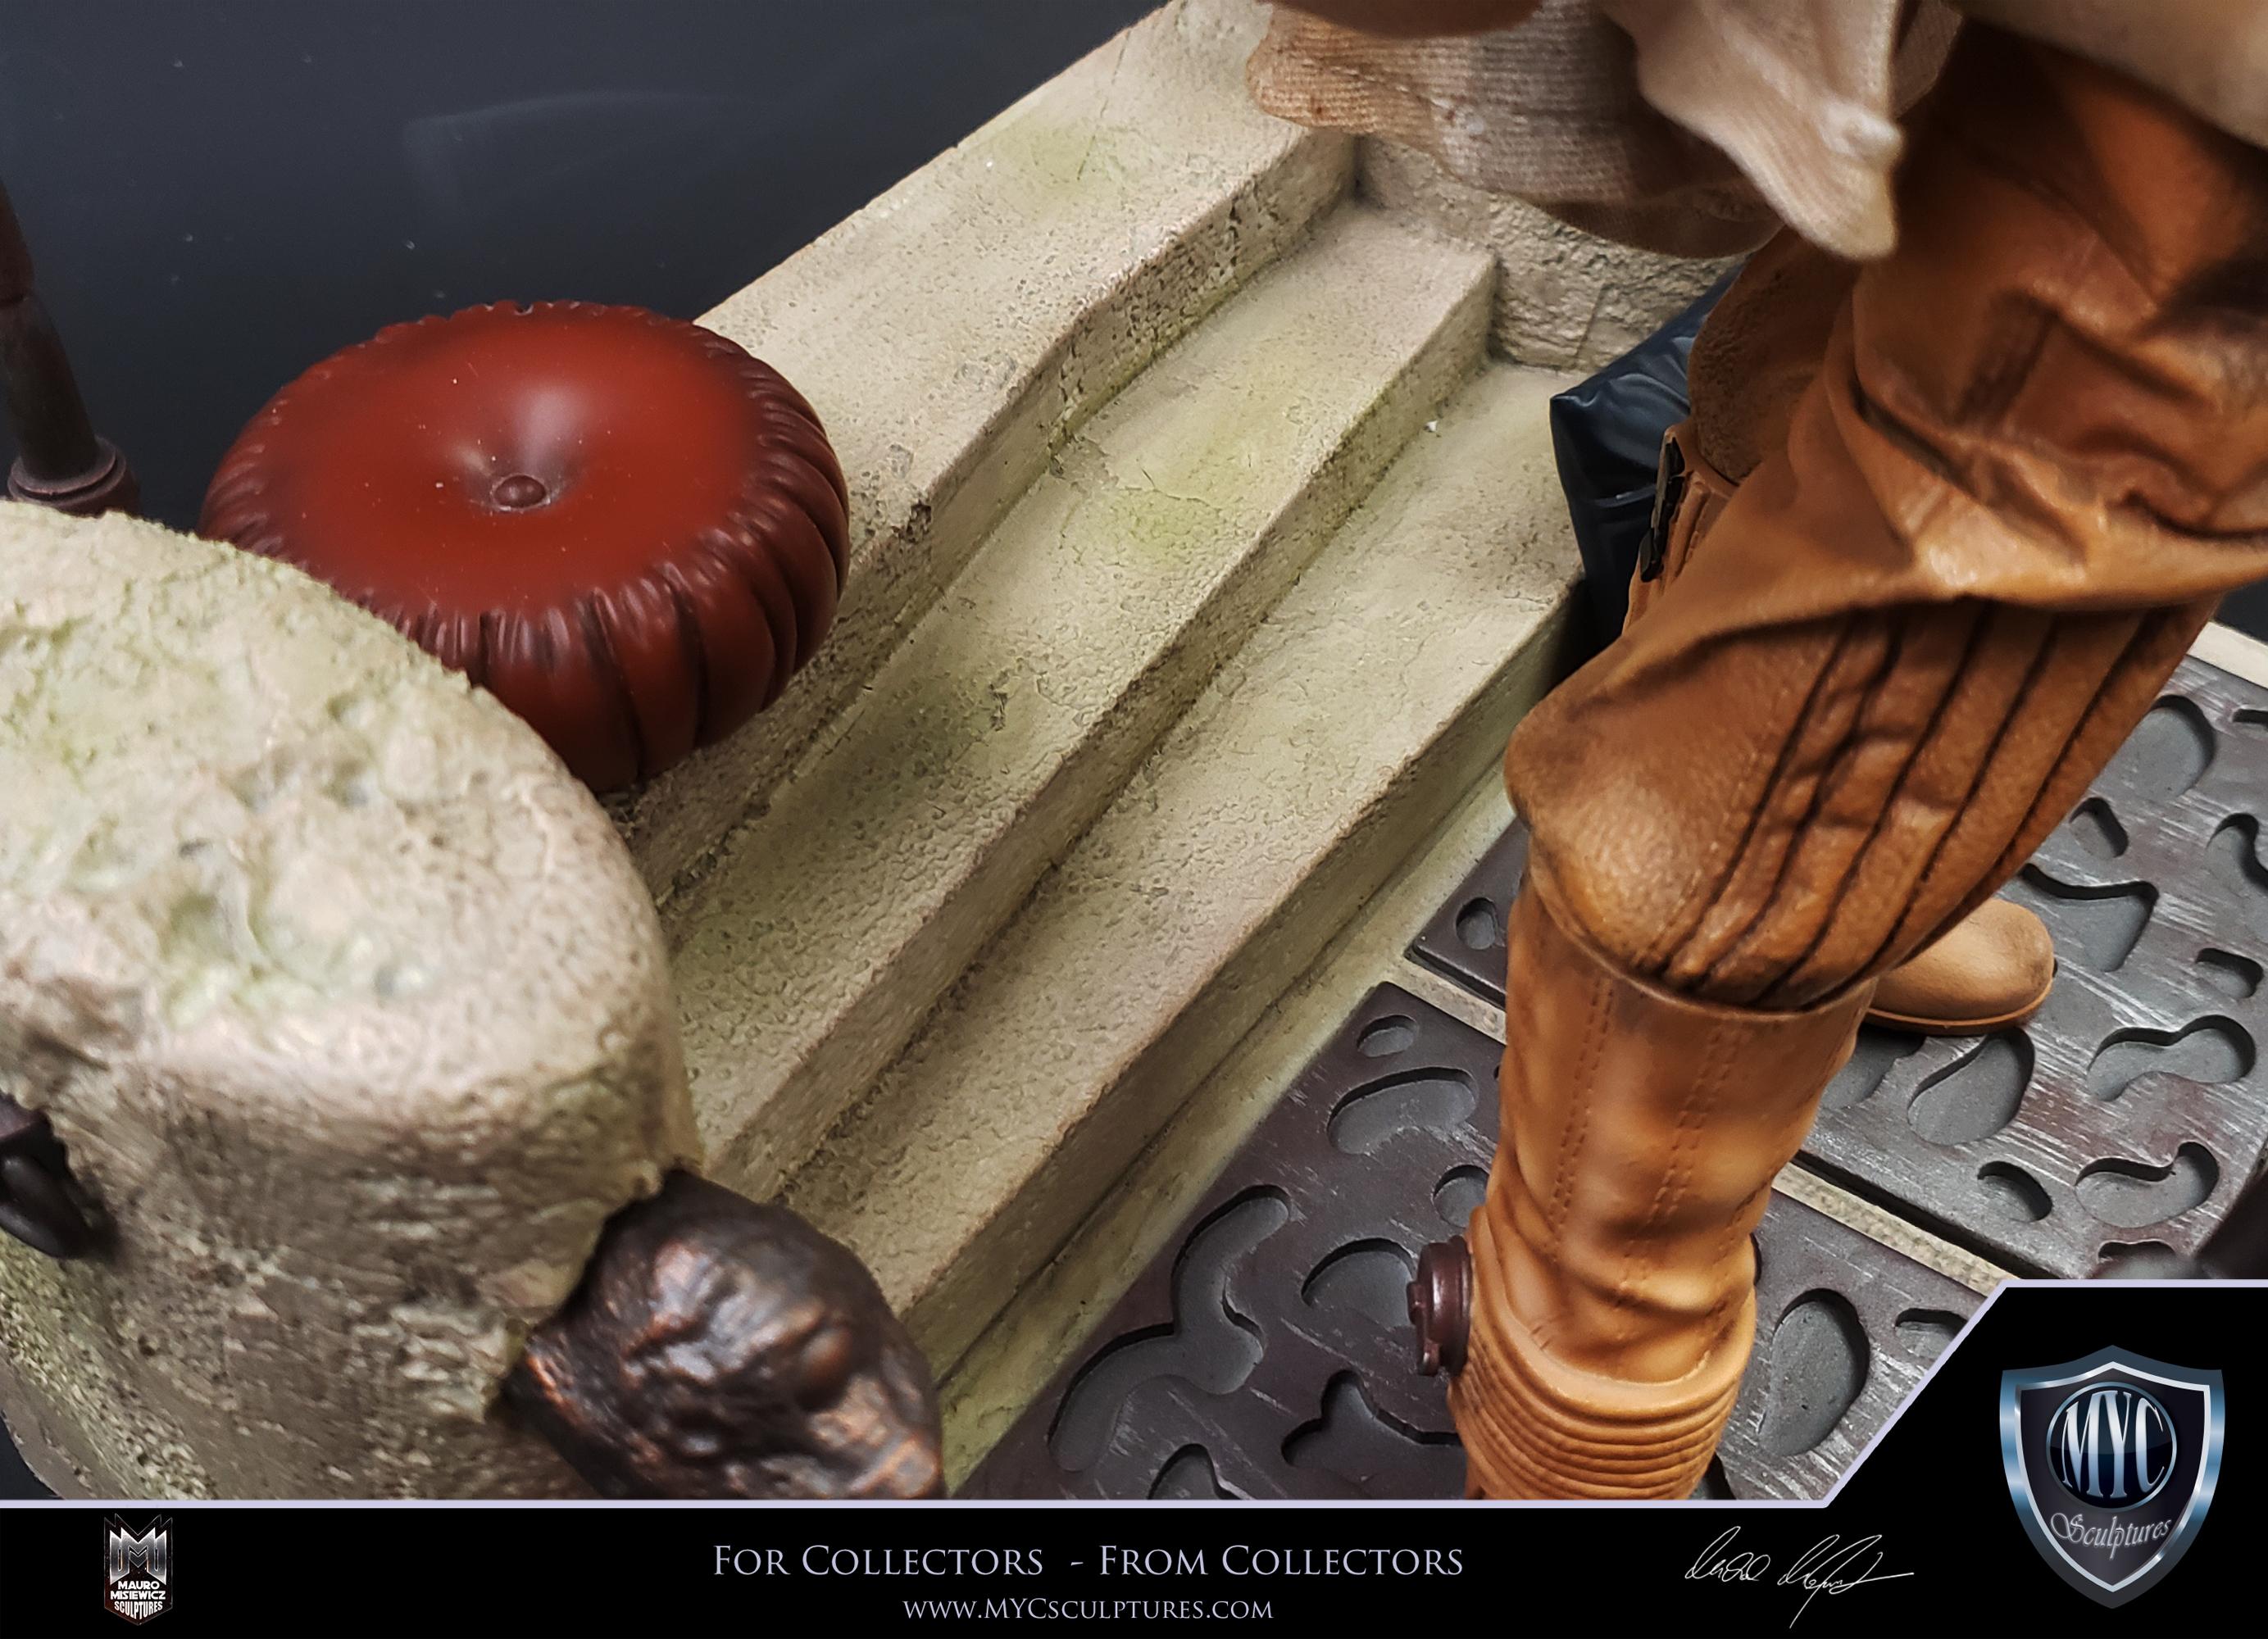 Boushh_Leia_MYC_Sculptures_Statue_25